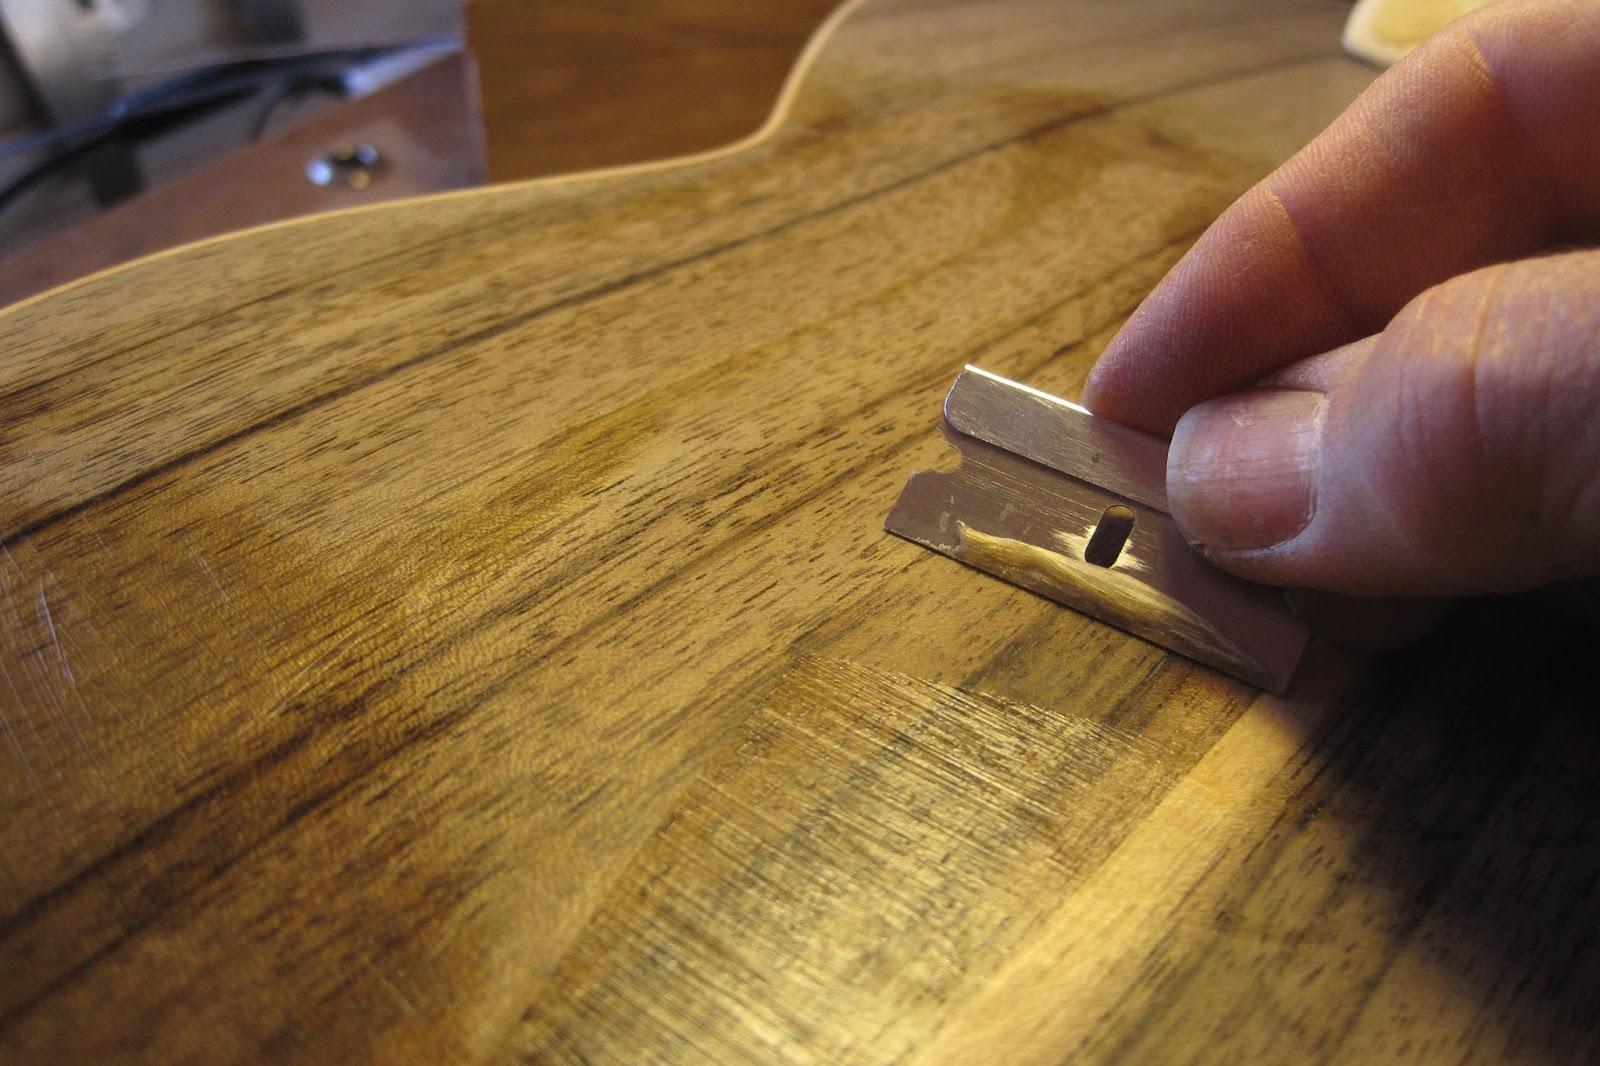 Pore Filling With Aqua Coat Wood Grain Filler